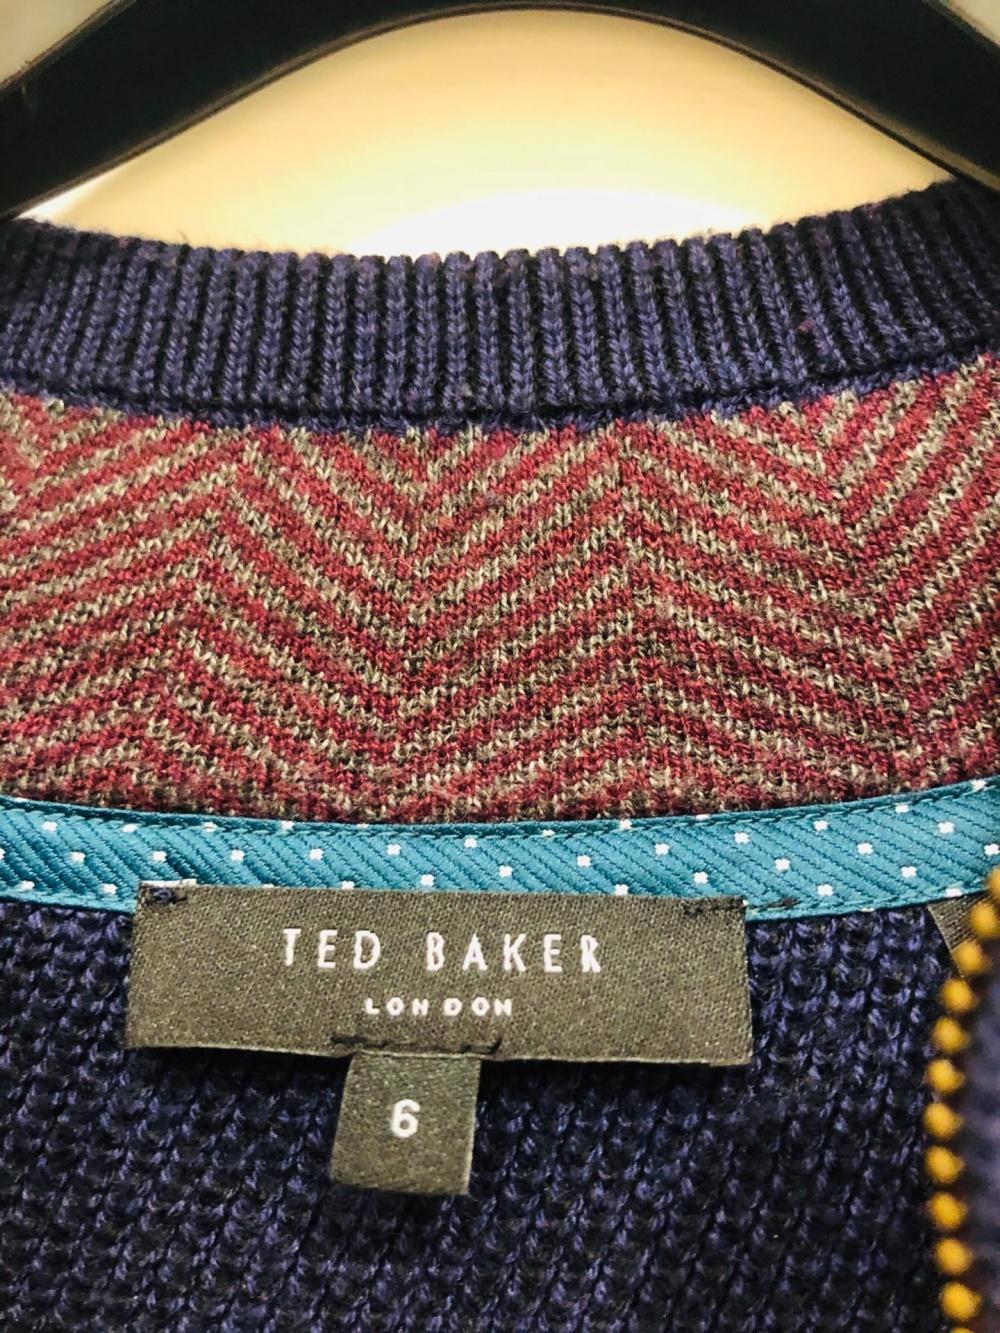 Джемпер Ted Baker London.Размер L-XL.